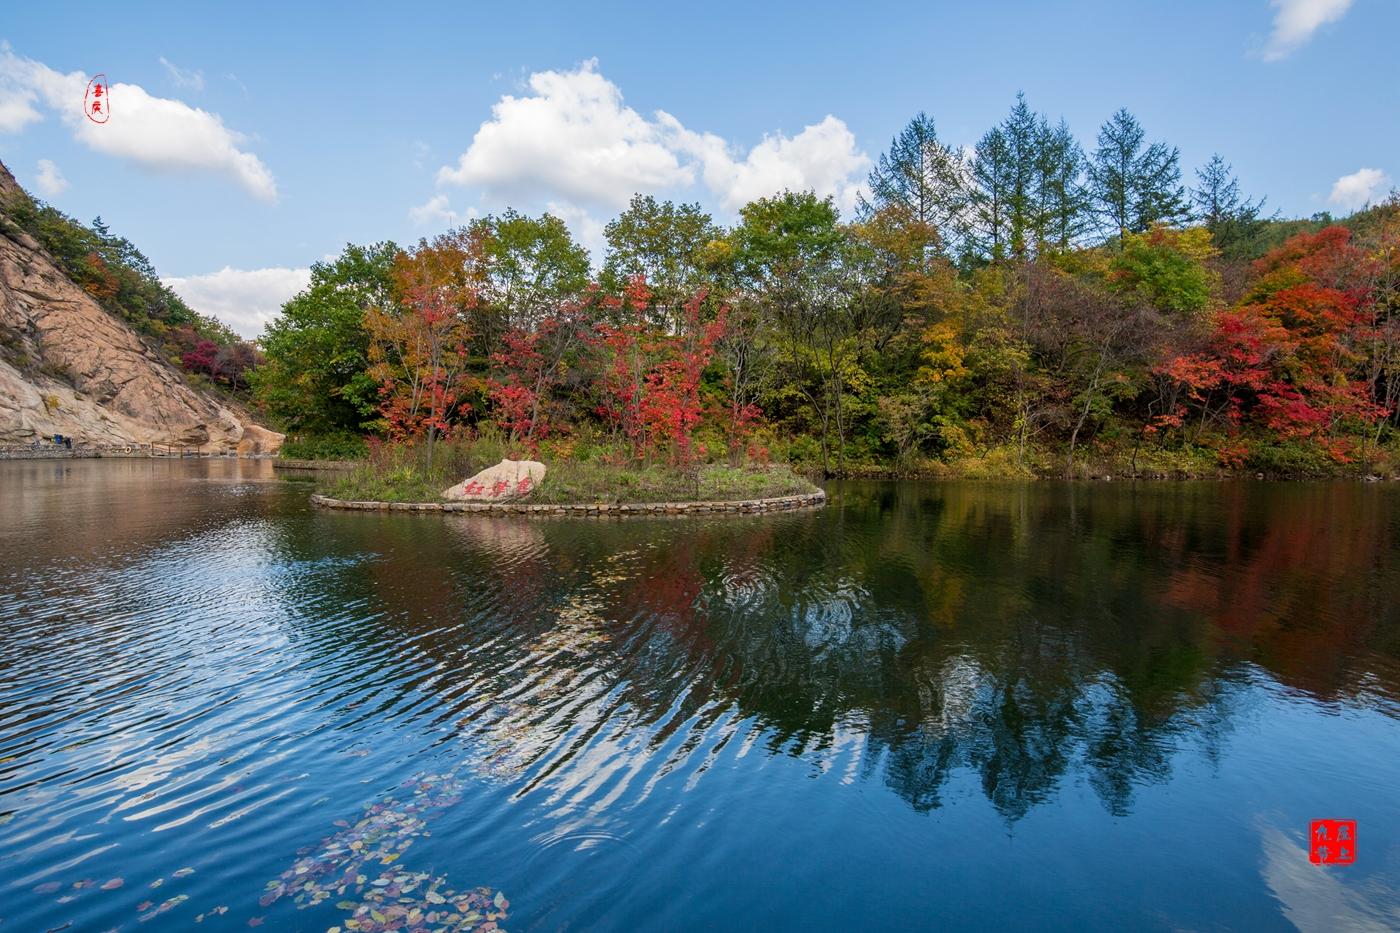 大石湖 秋色中的人间仙境